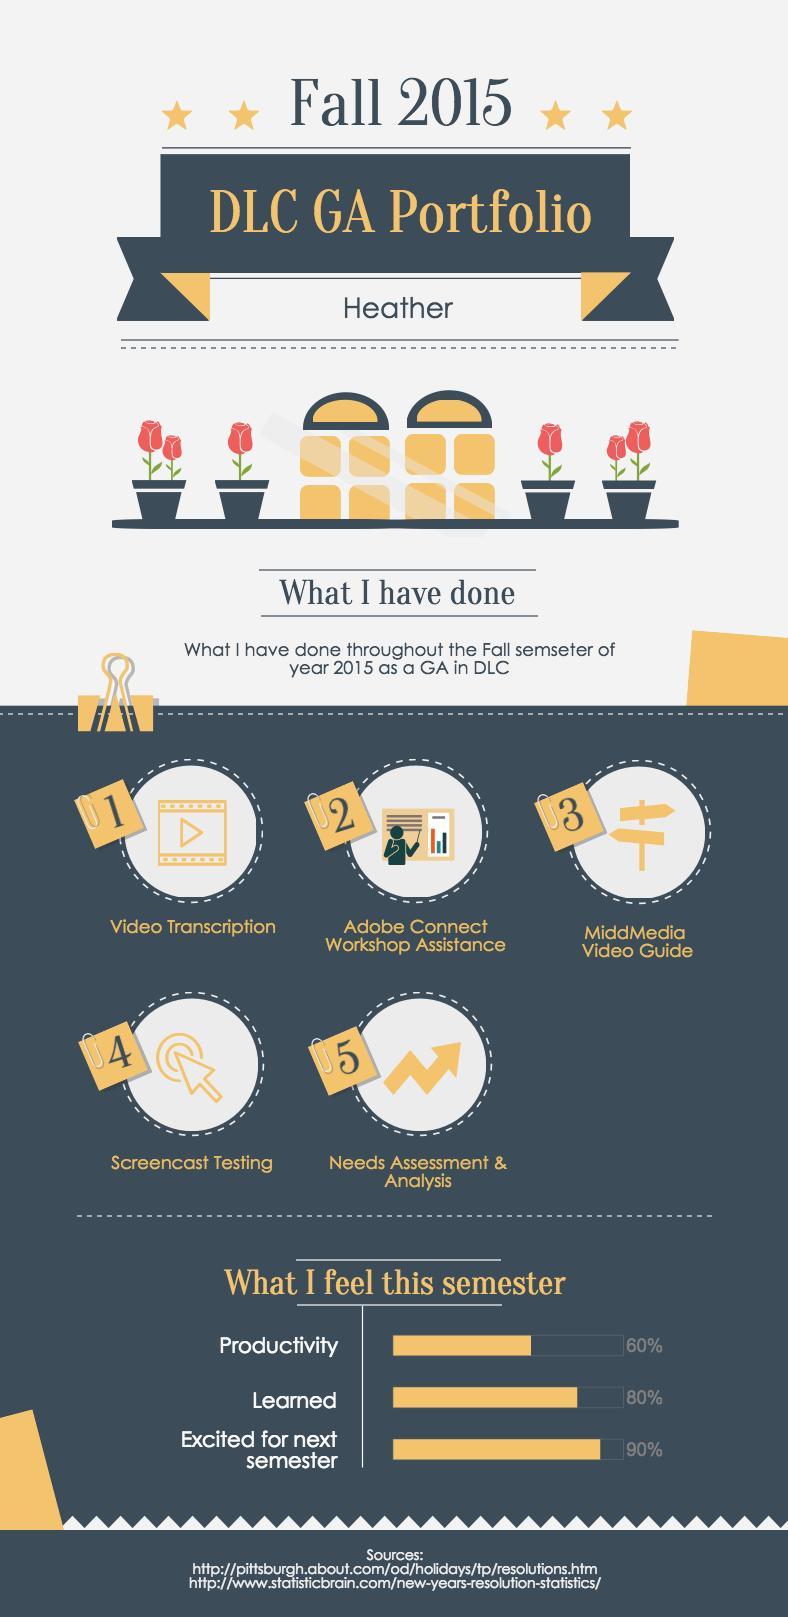 Heather's Infographic